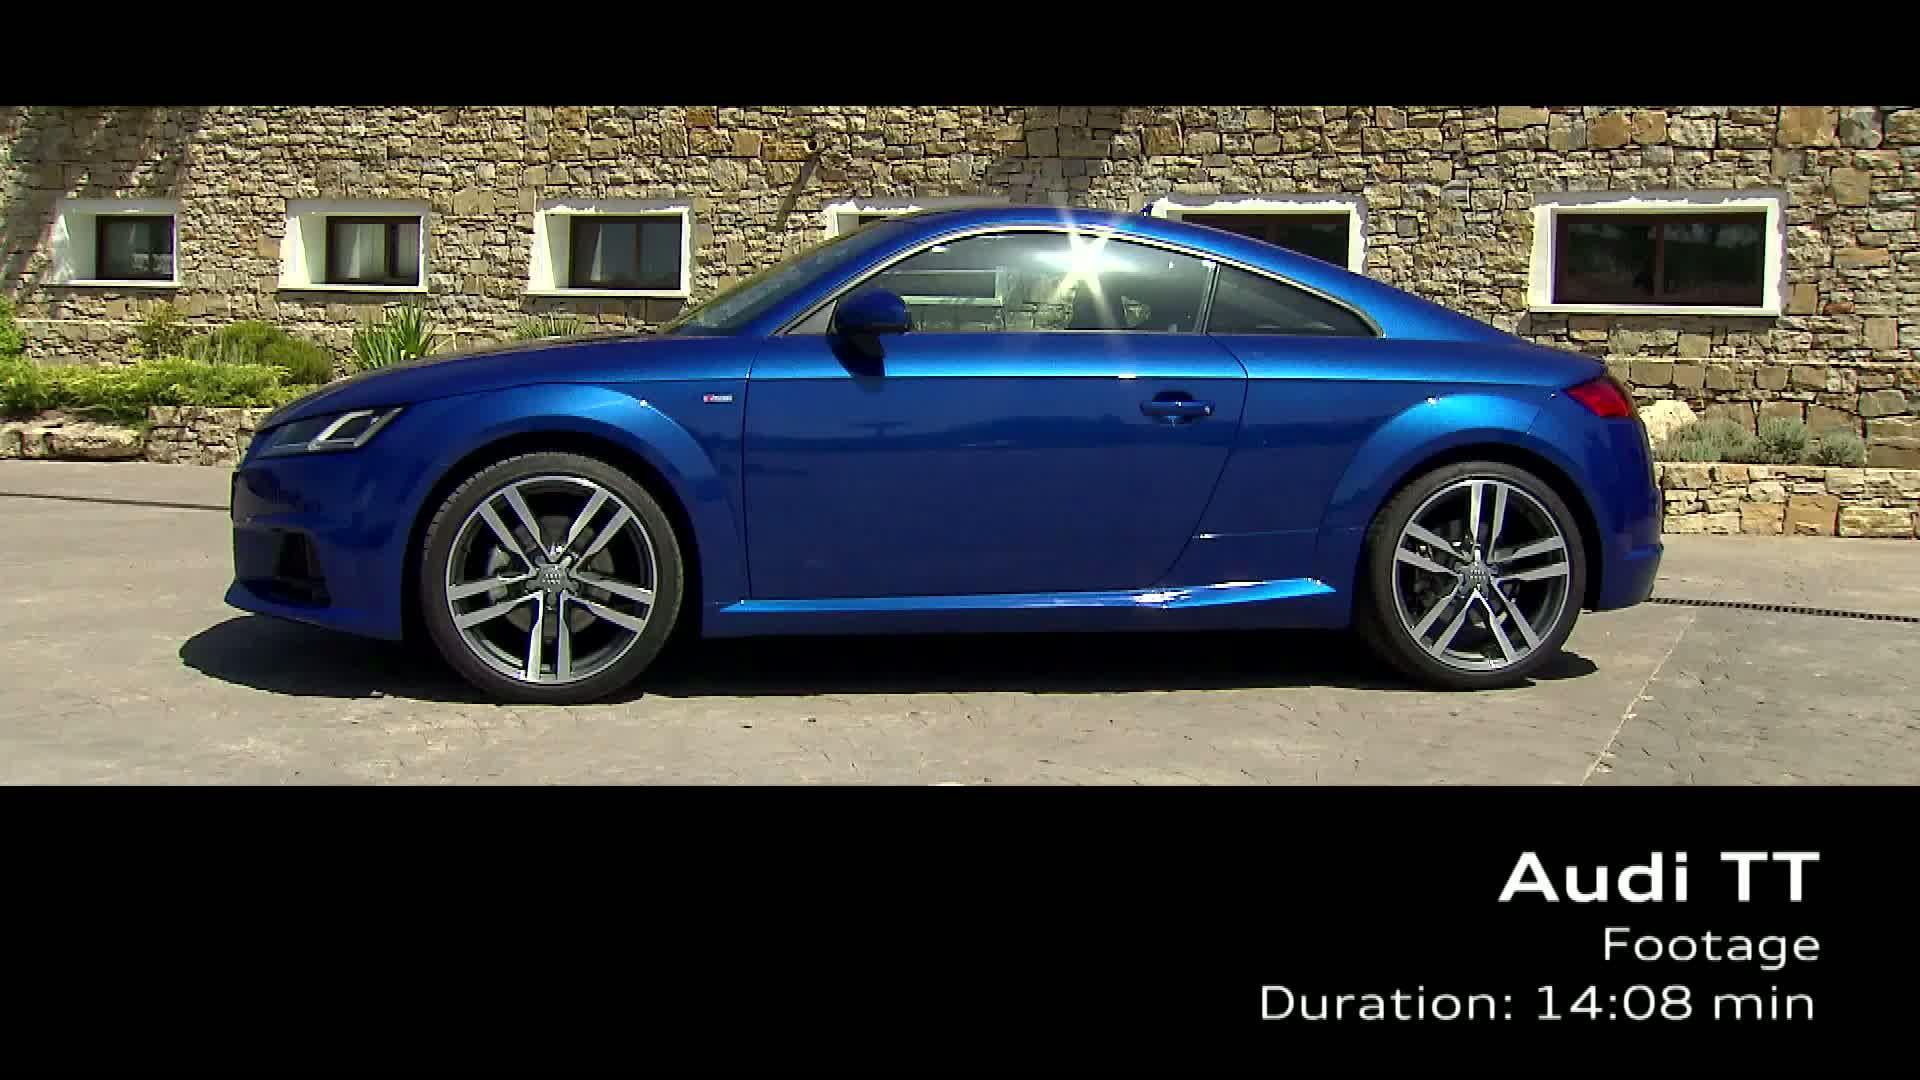 Das Audi TT Coupé - Footage